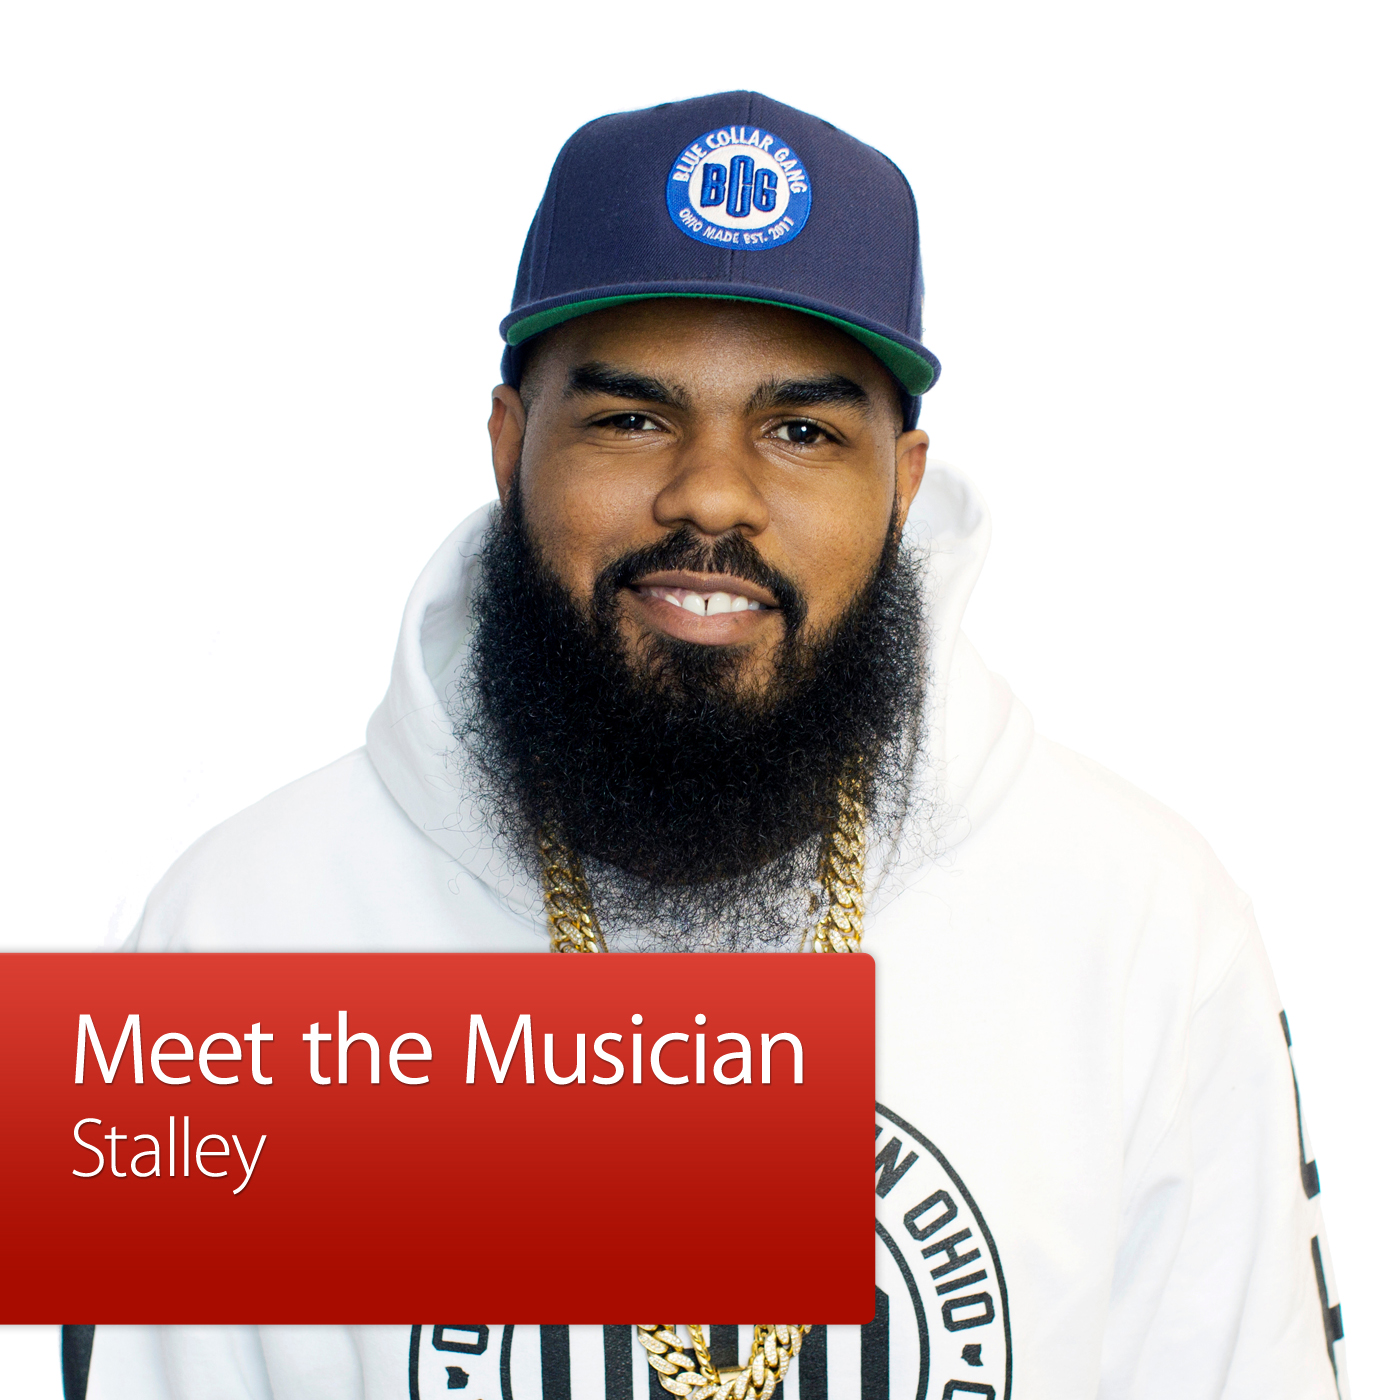 Stalley: Meet the Musician